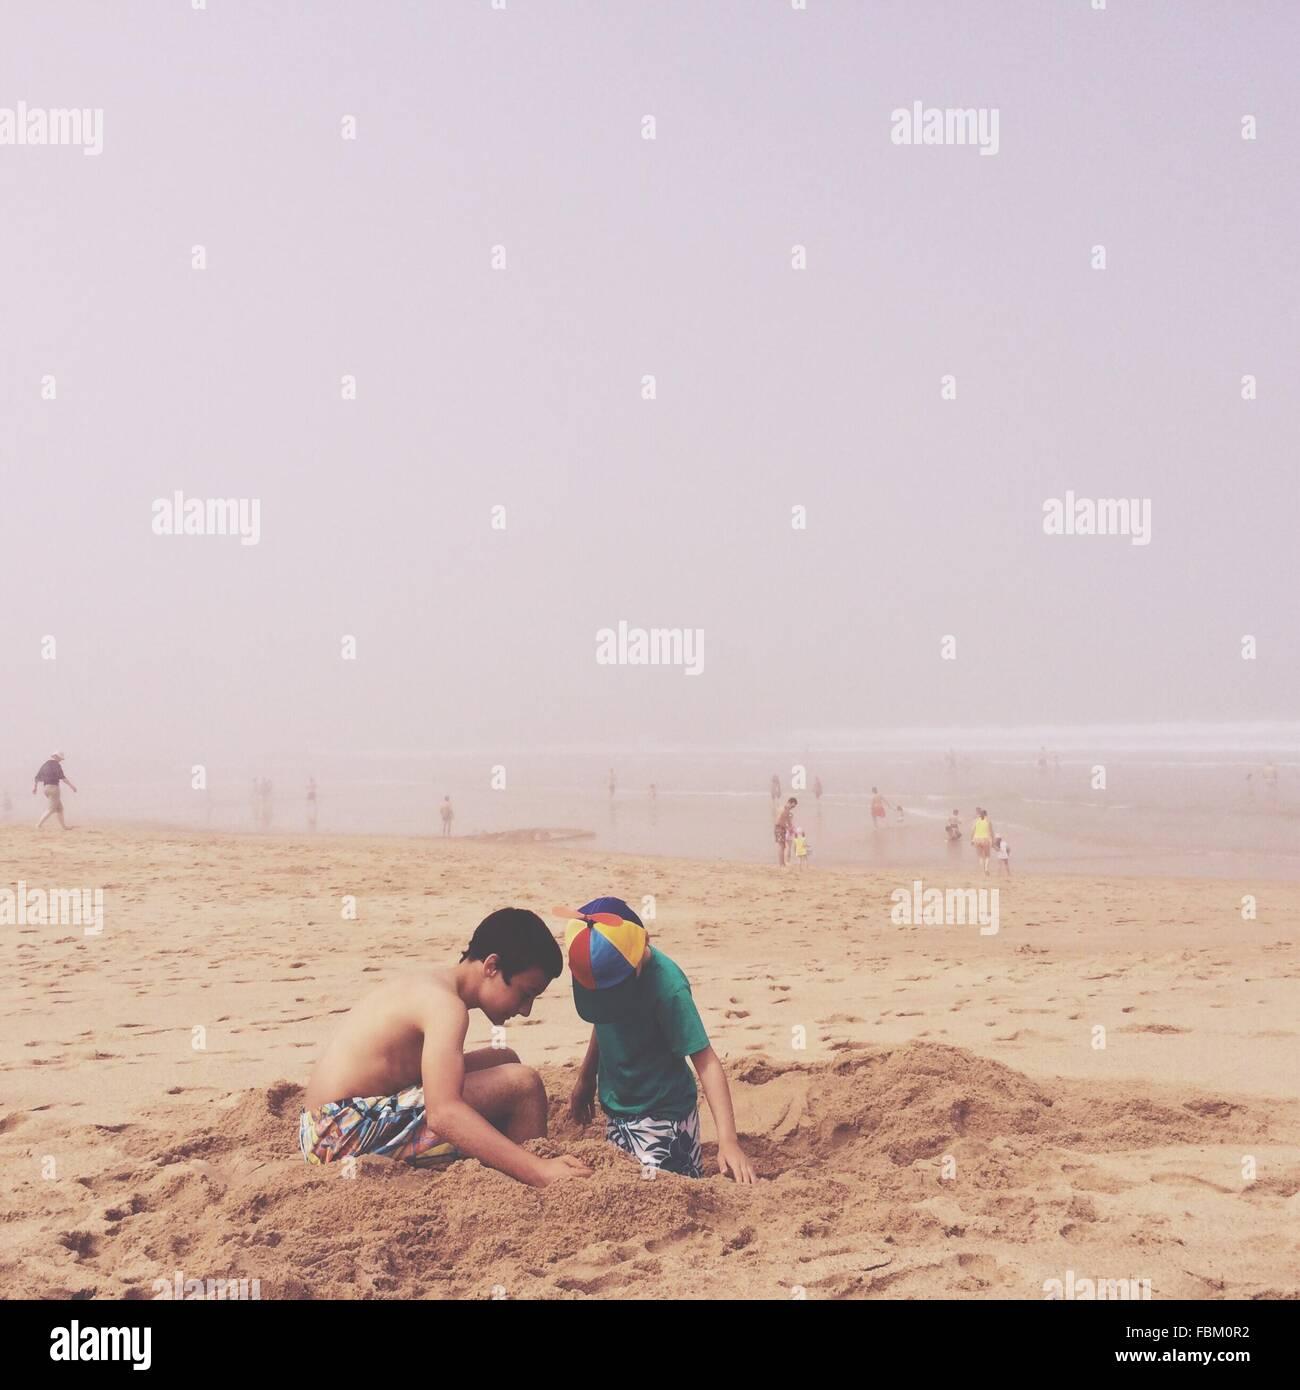 Deux garçons jouant avec le sable sur la plage Photo Stock